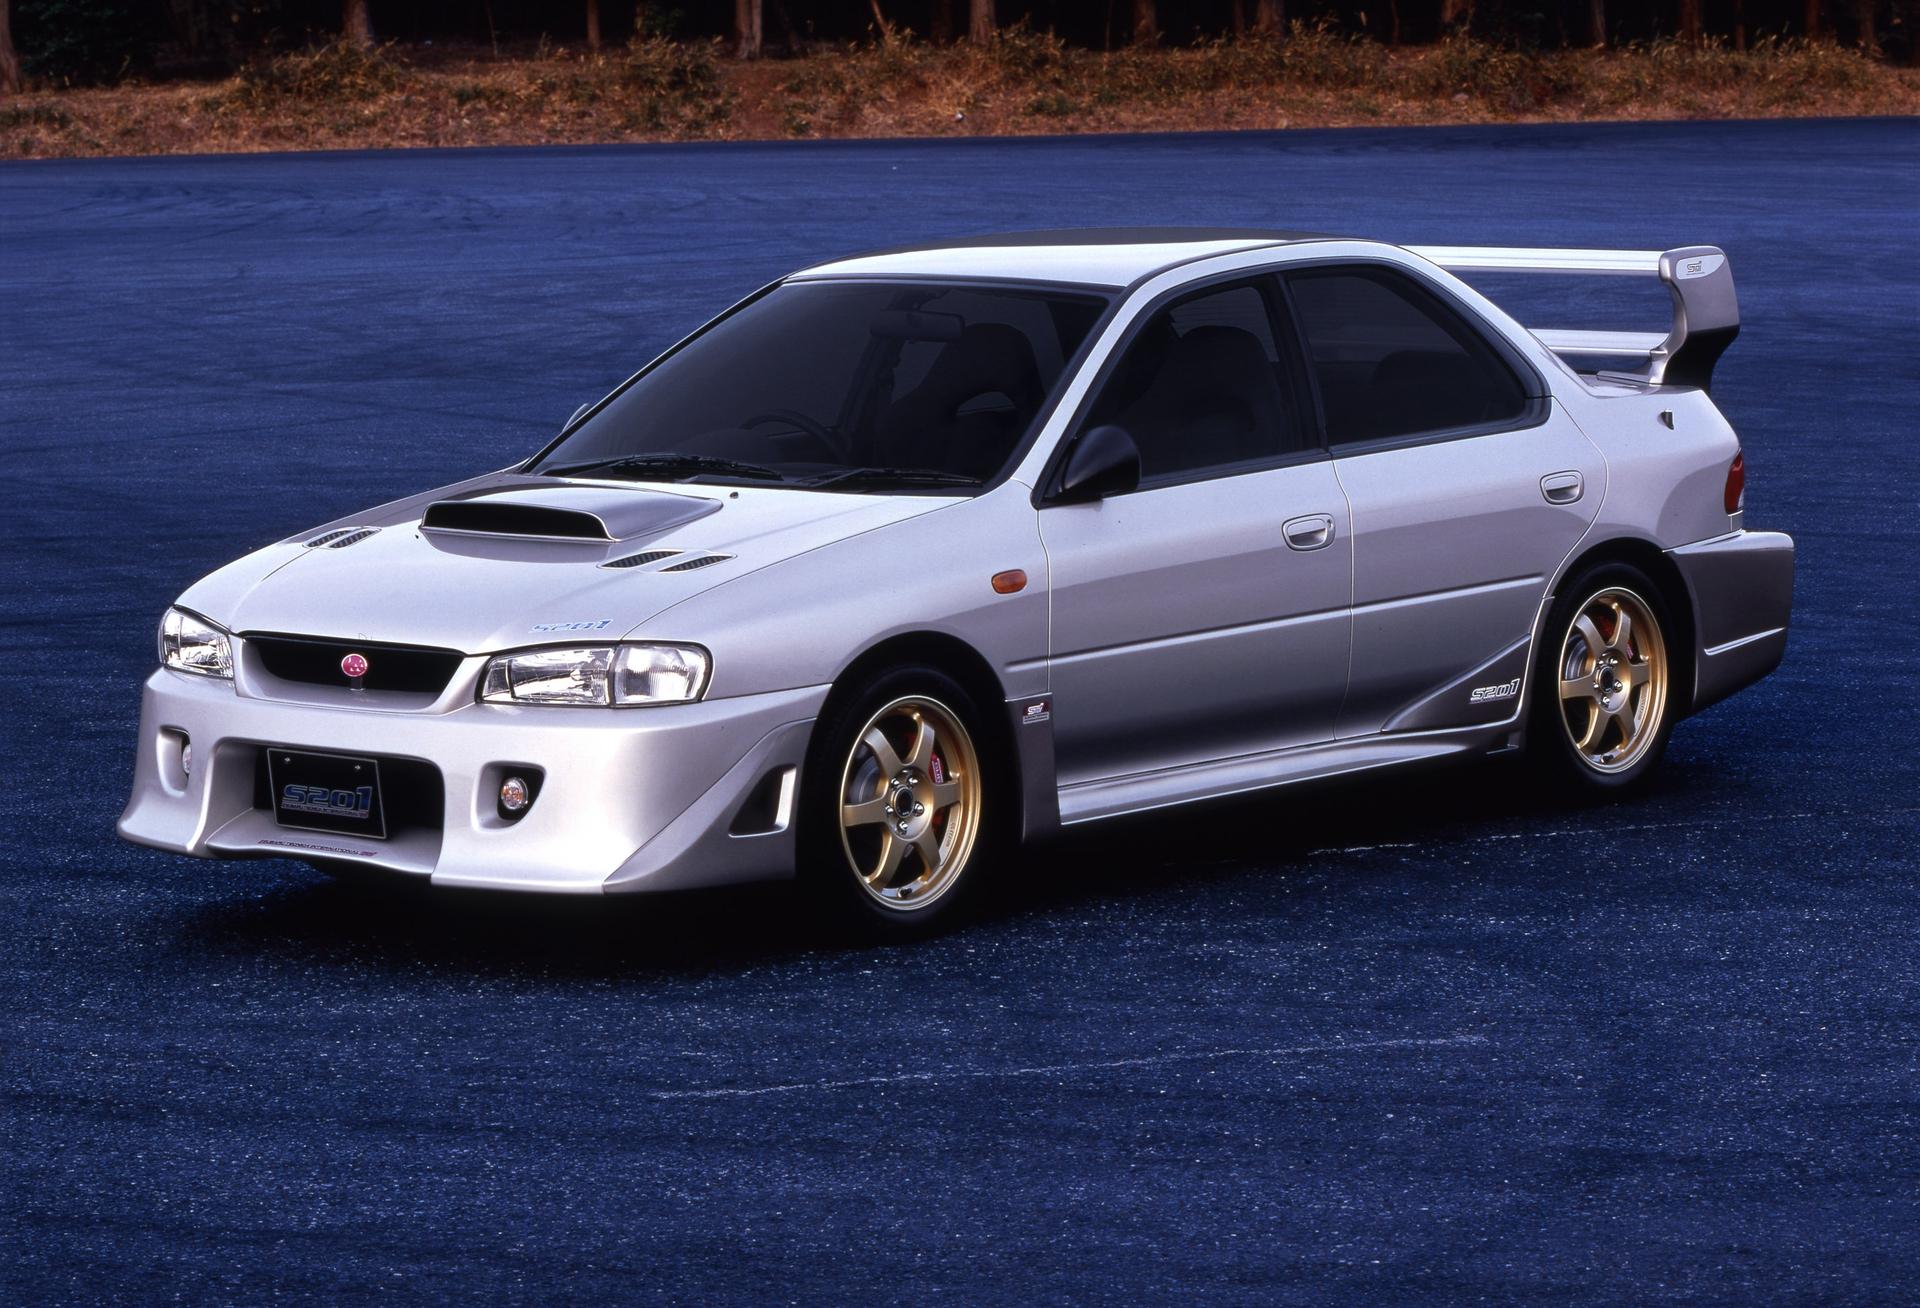 Subaru_Impreza_STI_S201_0001